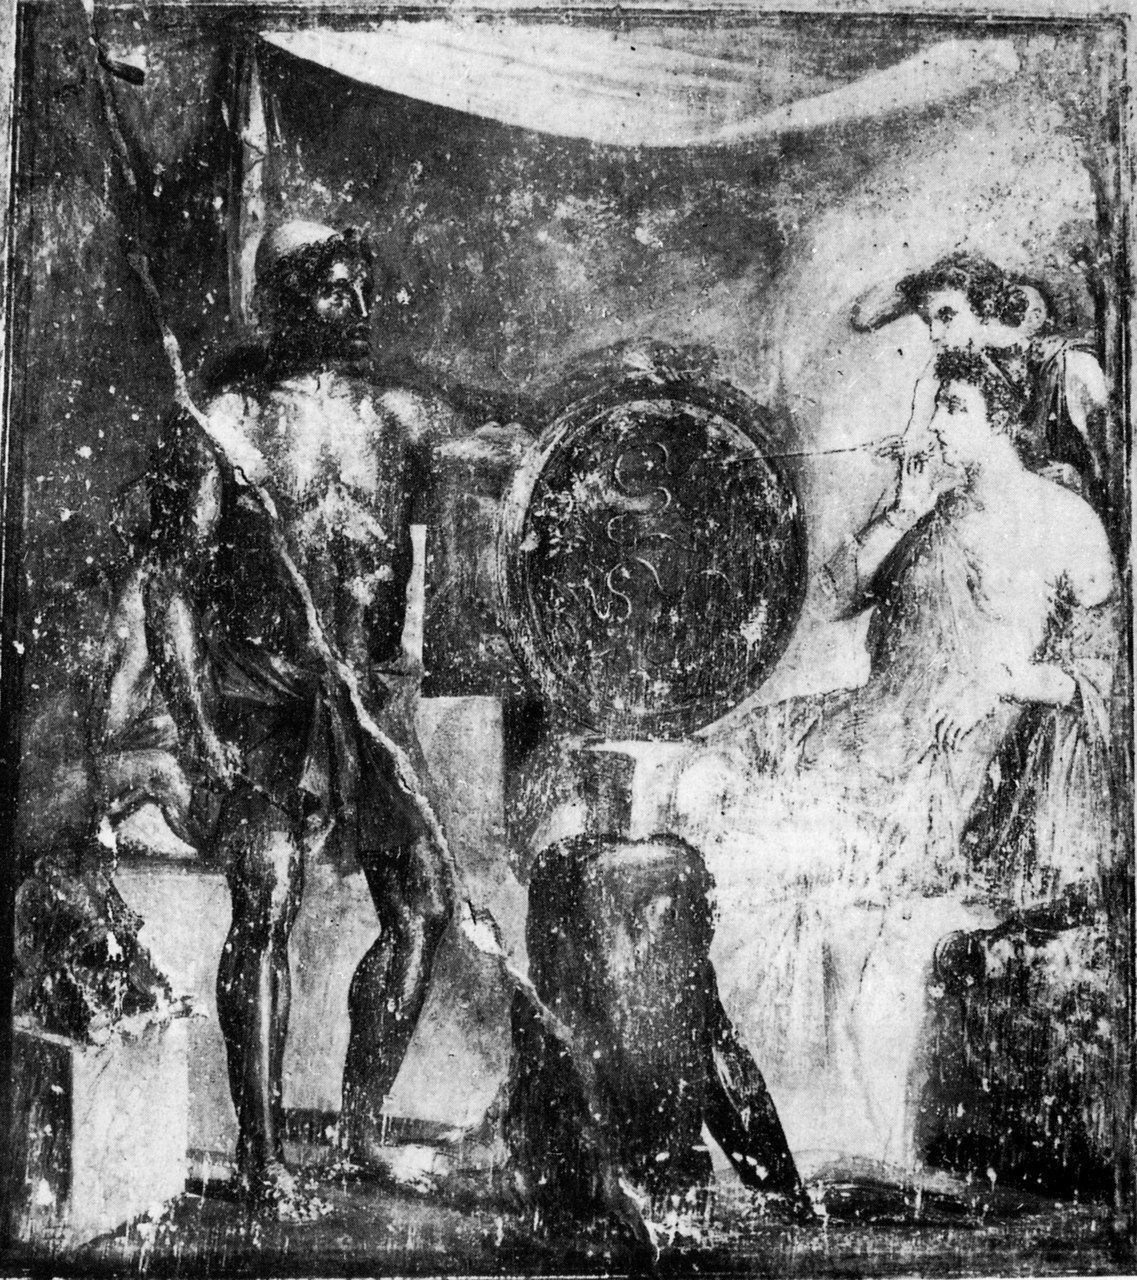 Wall painting from the Domus Uboni (Pompeii IX.5.2), first century AD first century AD. (Reproduced by kind permission of the Institut für Klassische Archäologie und Museum für Abgüsse Klassischer Bildwerke, Ludwig-Maximilians-Universität, Munich)